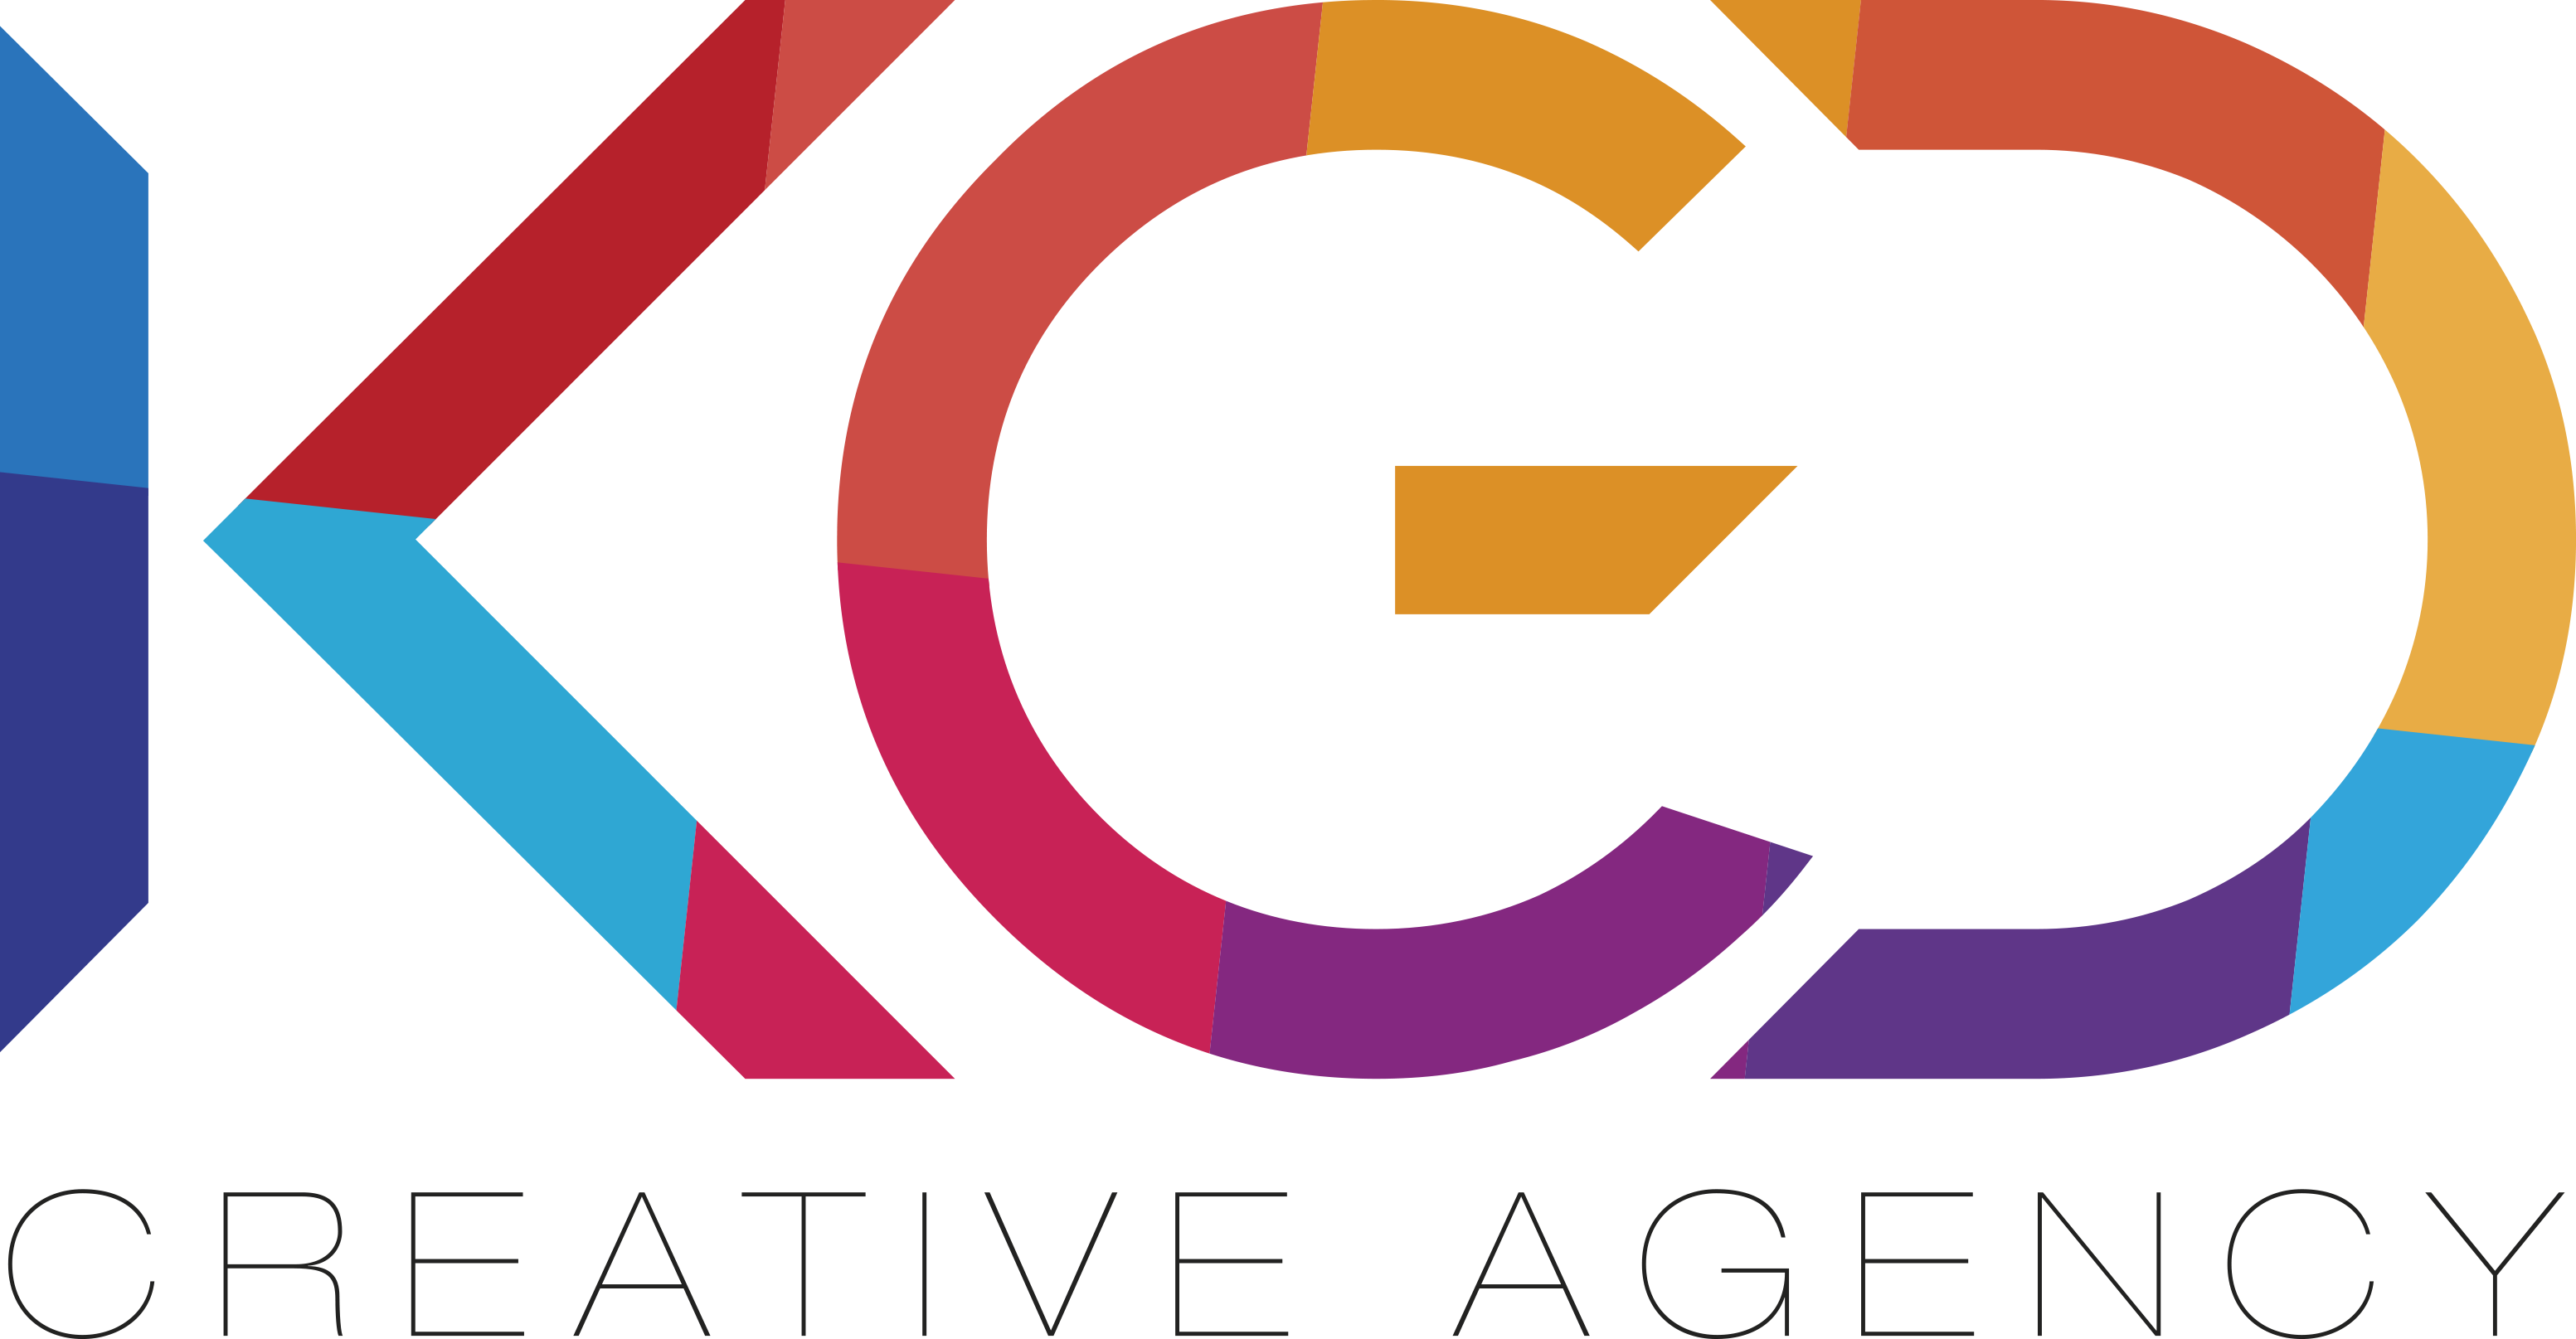 KGD-Agency